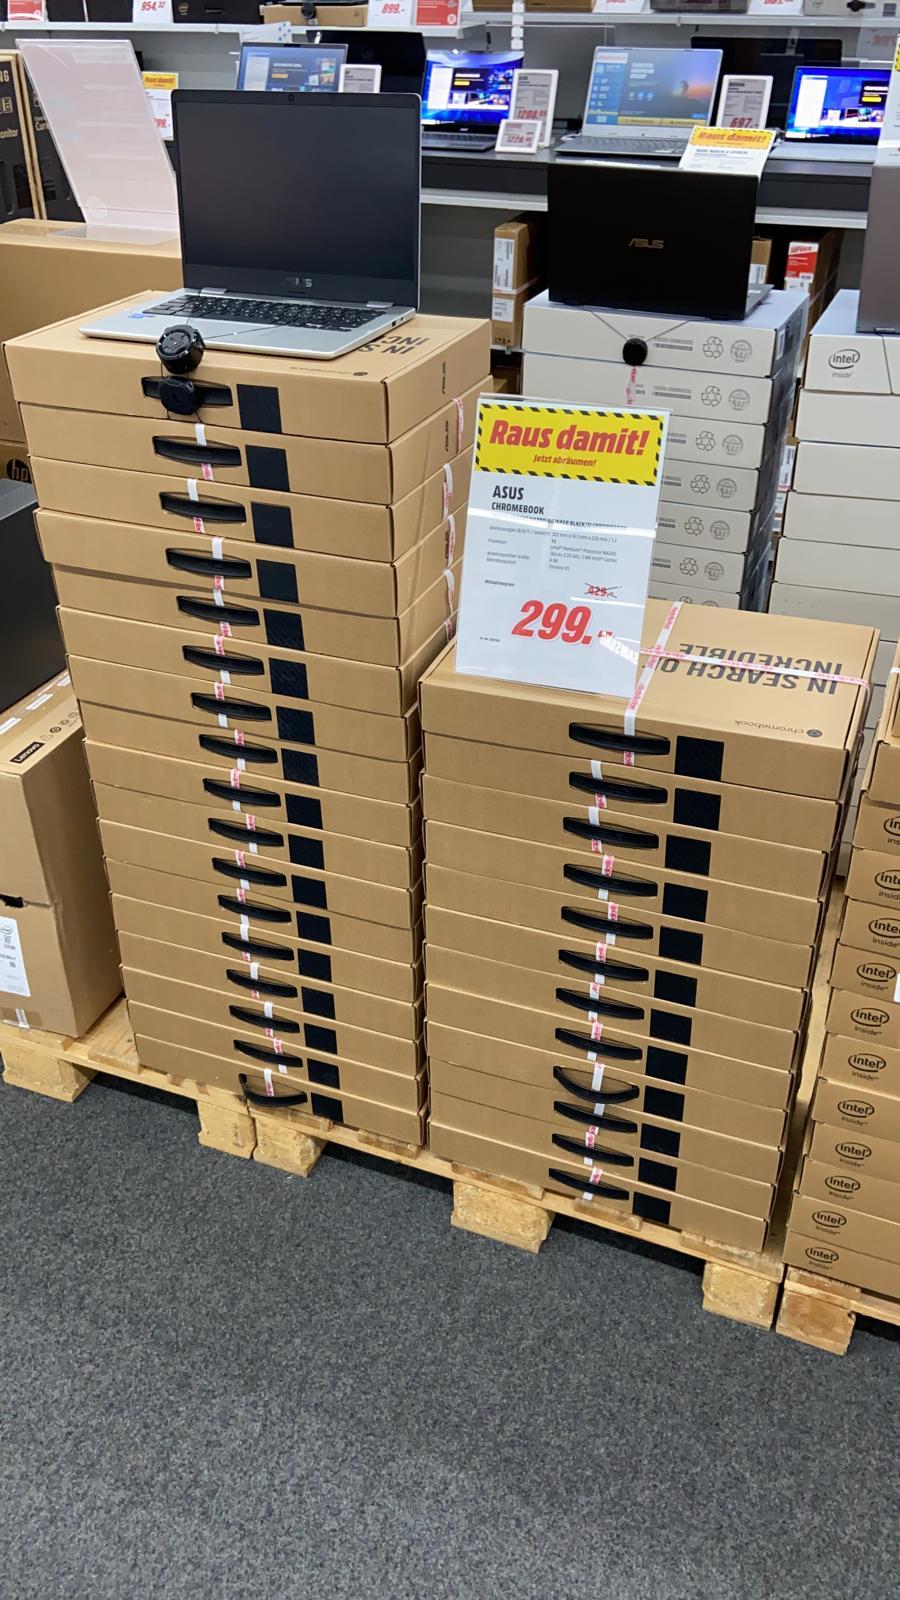 Asus Chromebook C423 Pentium N4200/4GB/64GB 14 Zoll mit Full-HD für 299€ im Media Markt in Weiterstadt.